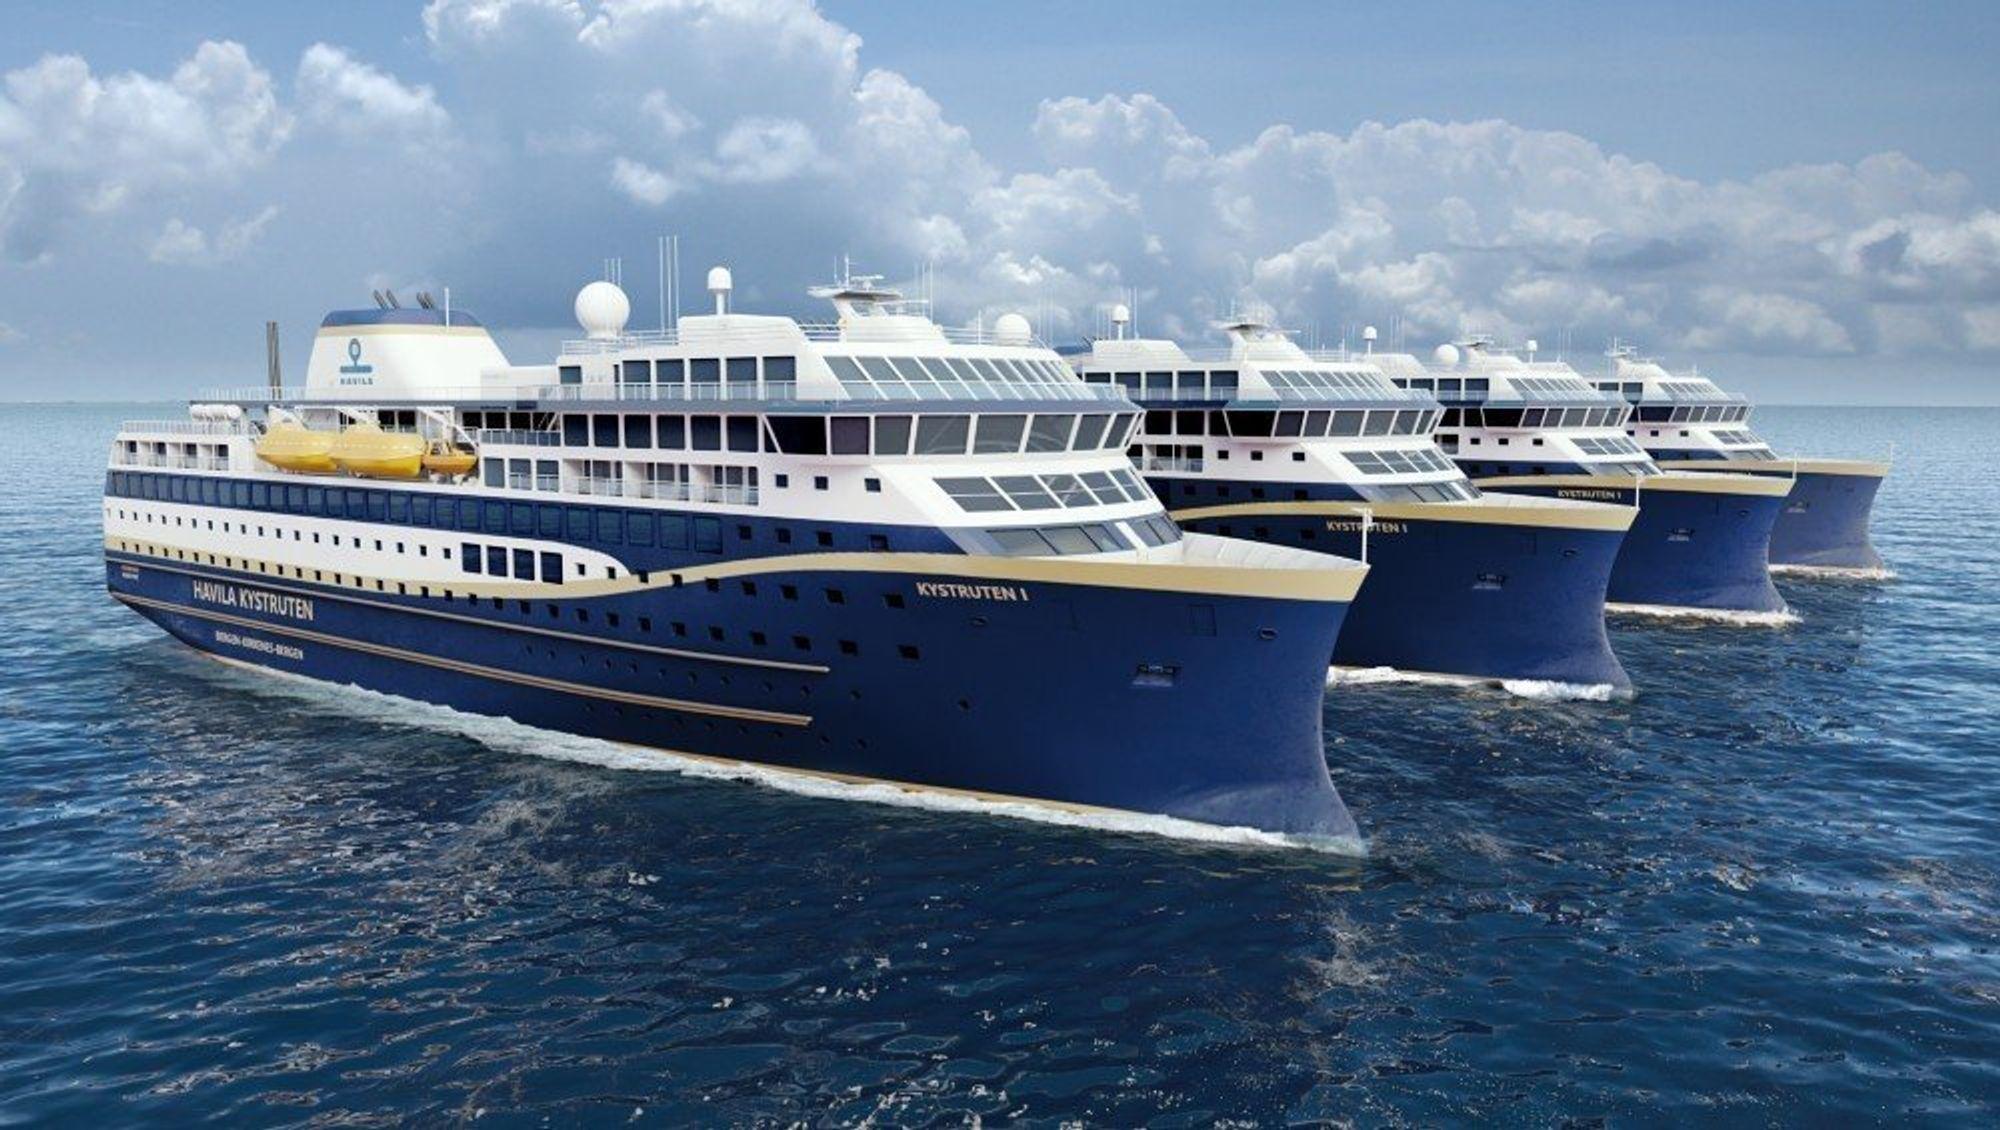 Havila Kystruten skal ha fire skip i drift mellom Bergen-Kirkenes i 10 år fra 2021. Skipene skal ta i bruk LNG og batterier. To av skipene er kraftig forsinket fra Spania.